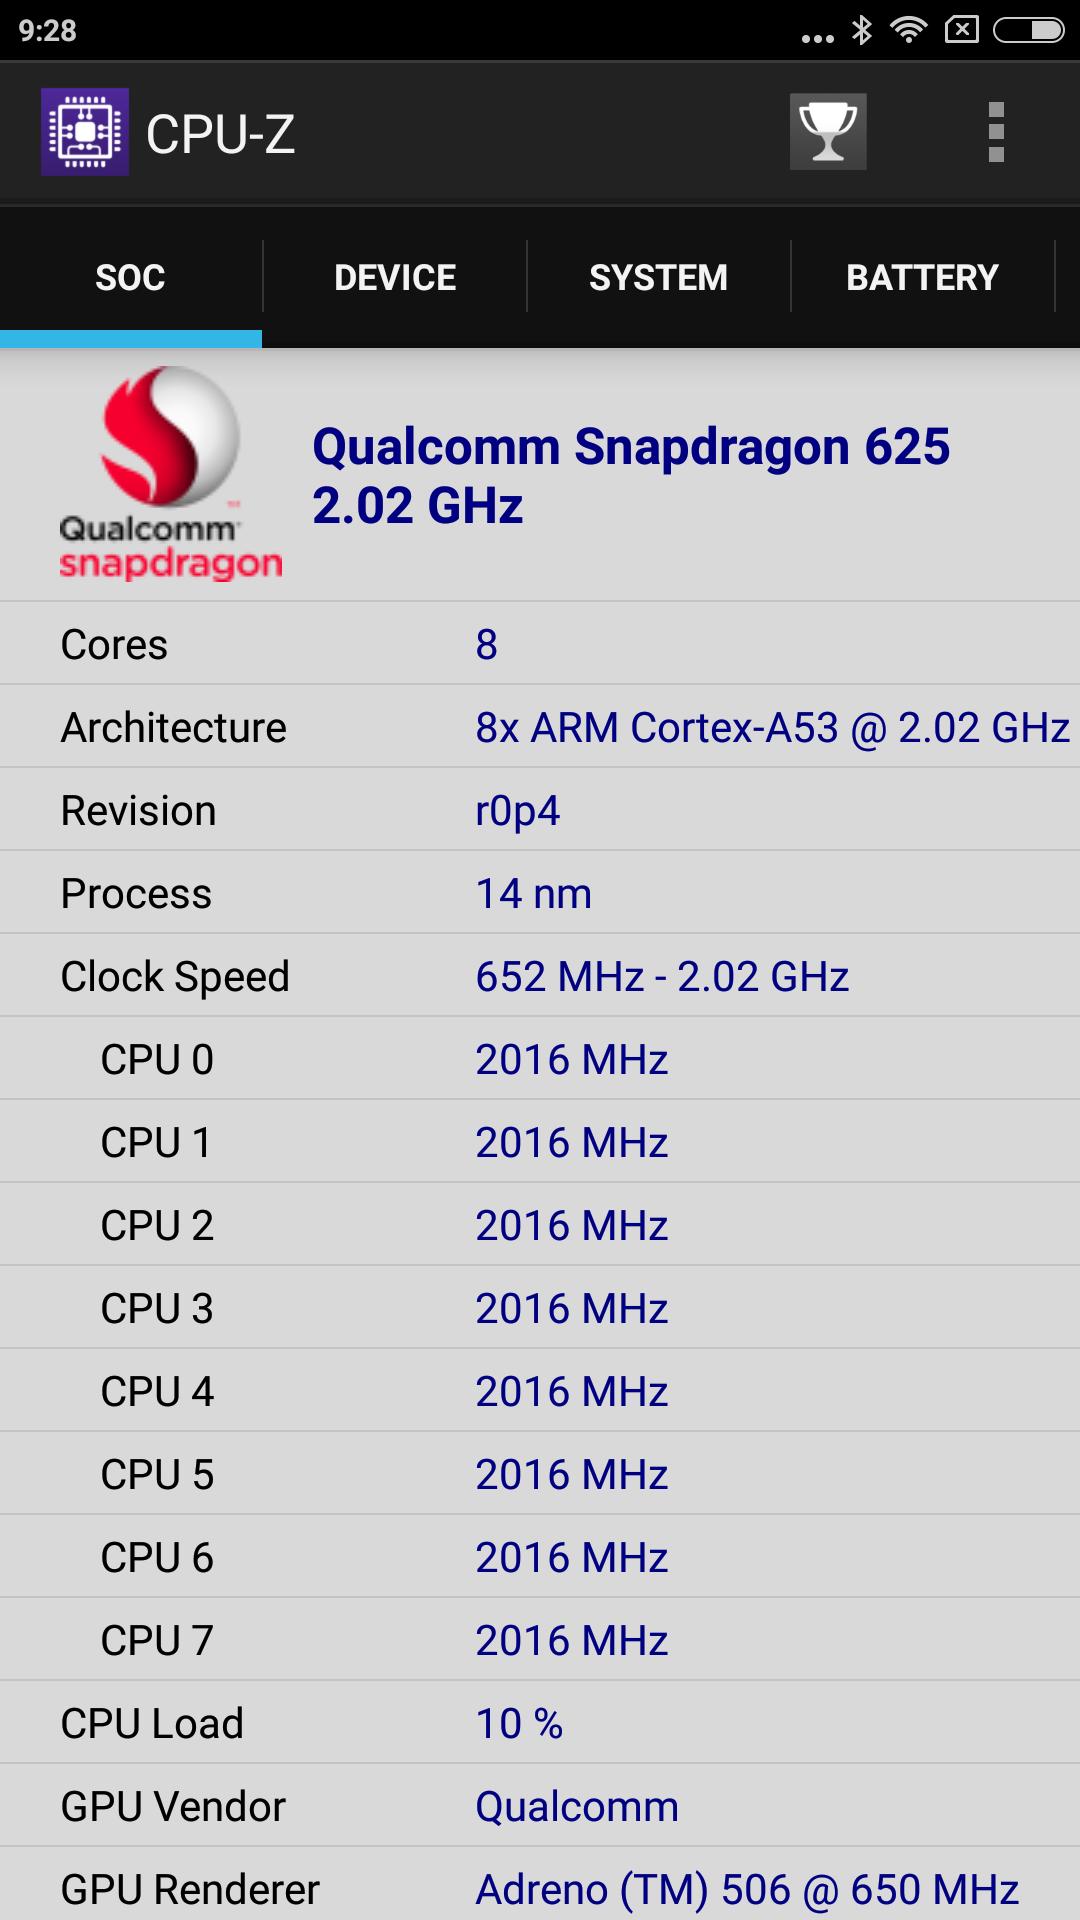 Xiaomi Redmi Note 4X CPU-Z SOC